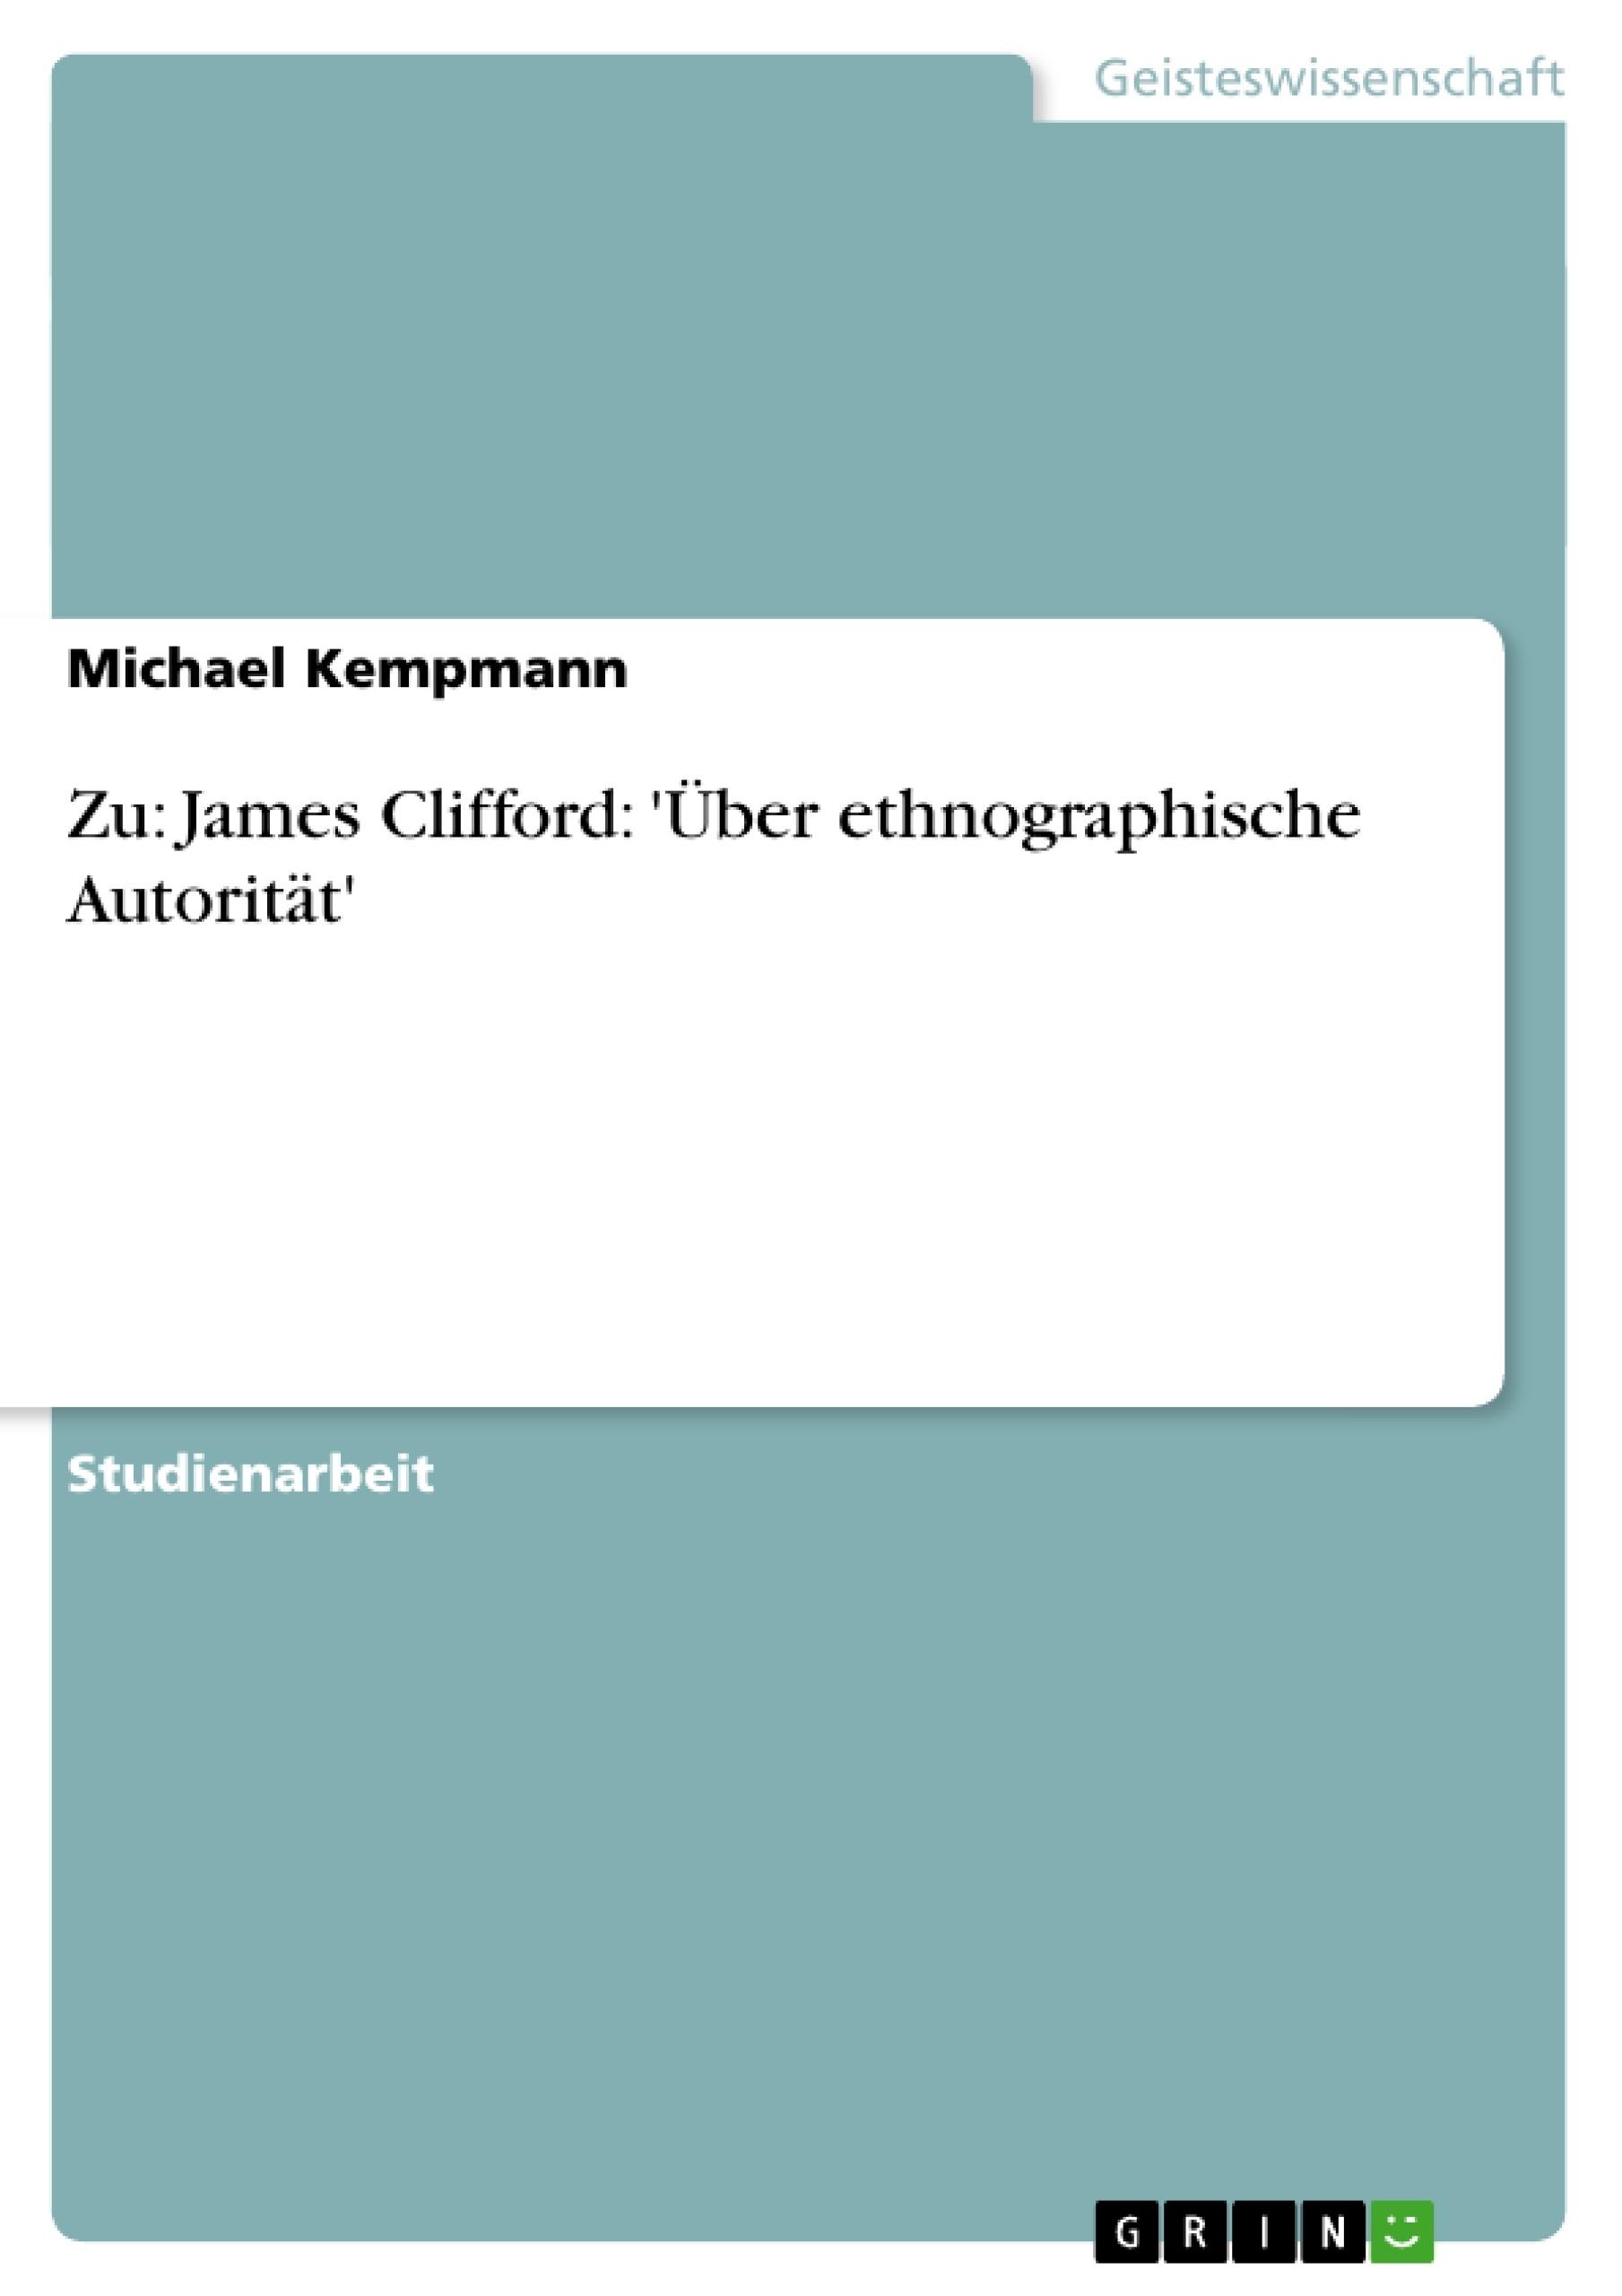 Titel: Zu: James Clifford: 'Über ethnographische Autorität'